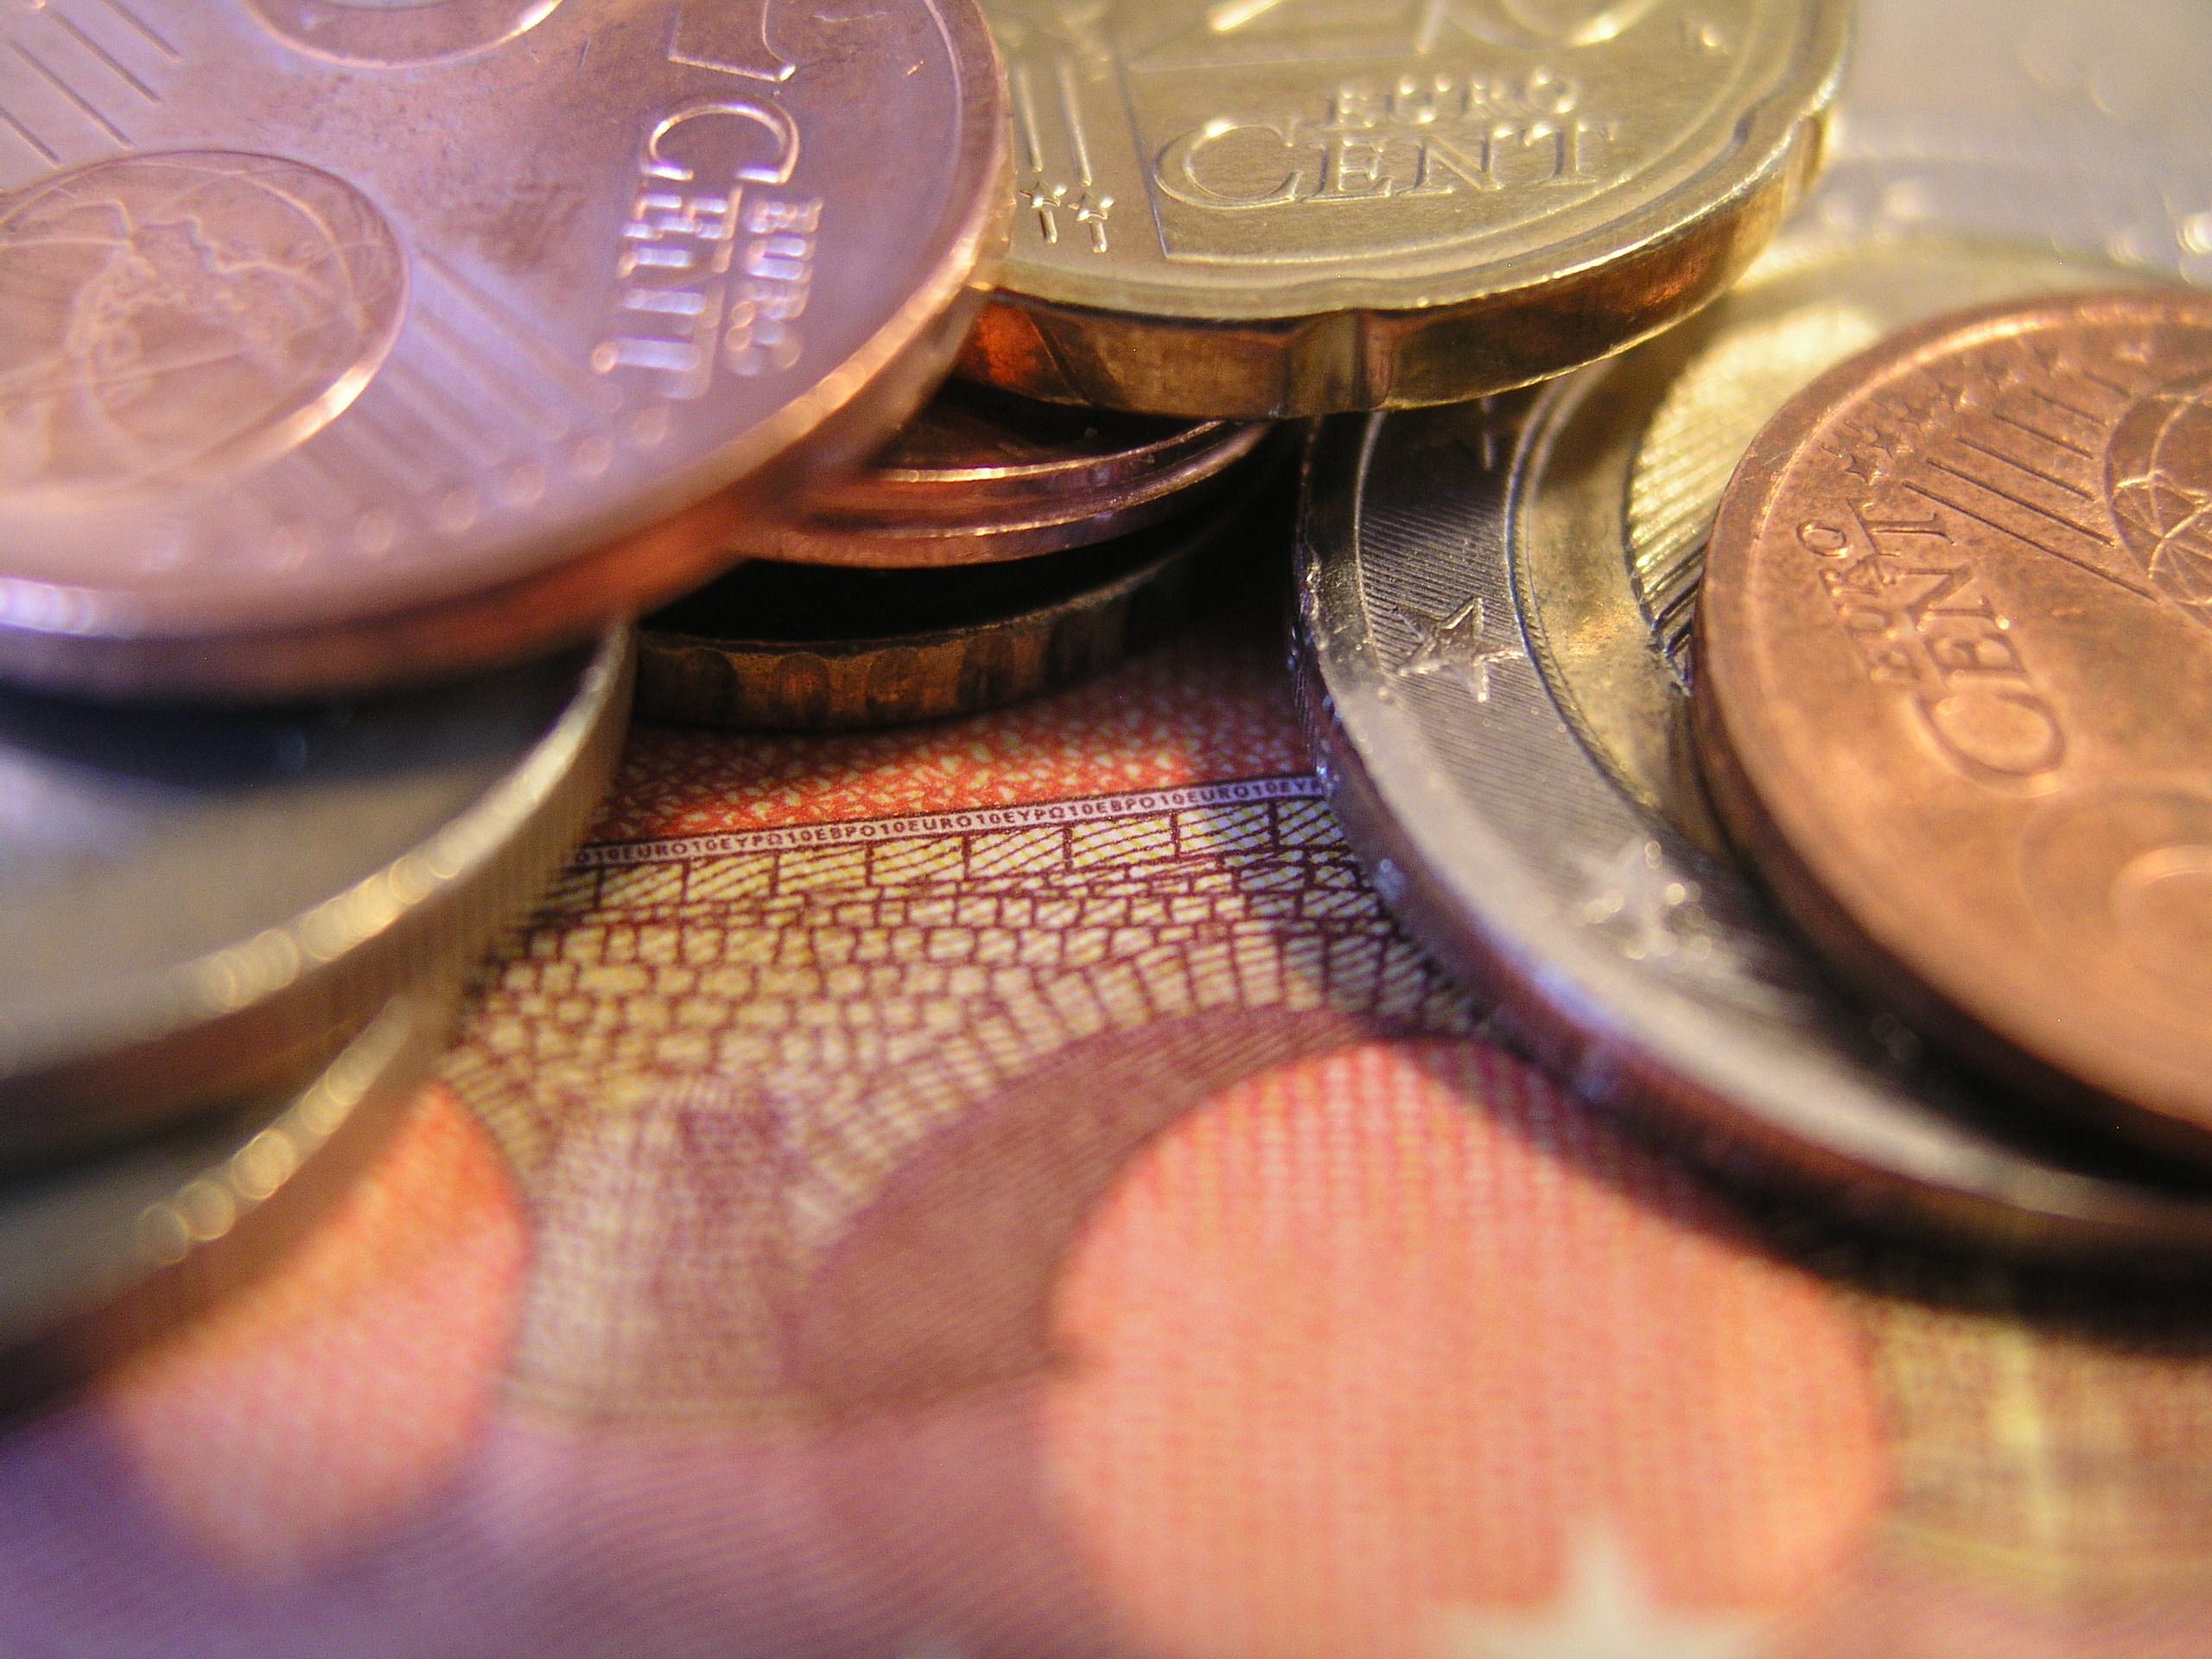 Das Foto zeigt auf einem Geldschein liegende Geldmünzen.